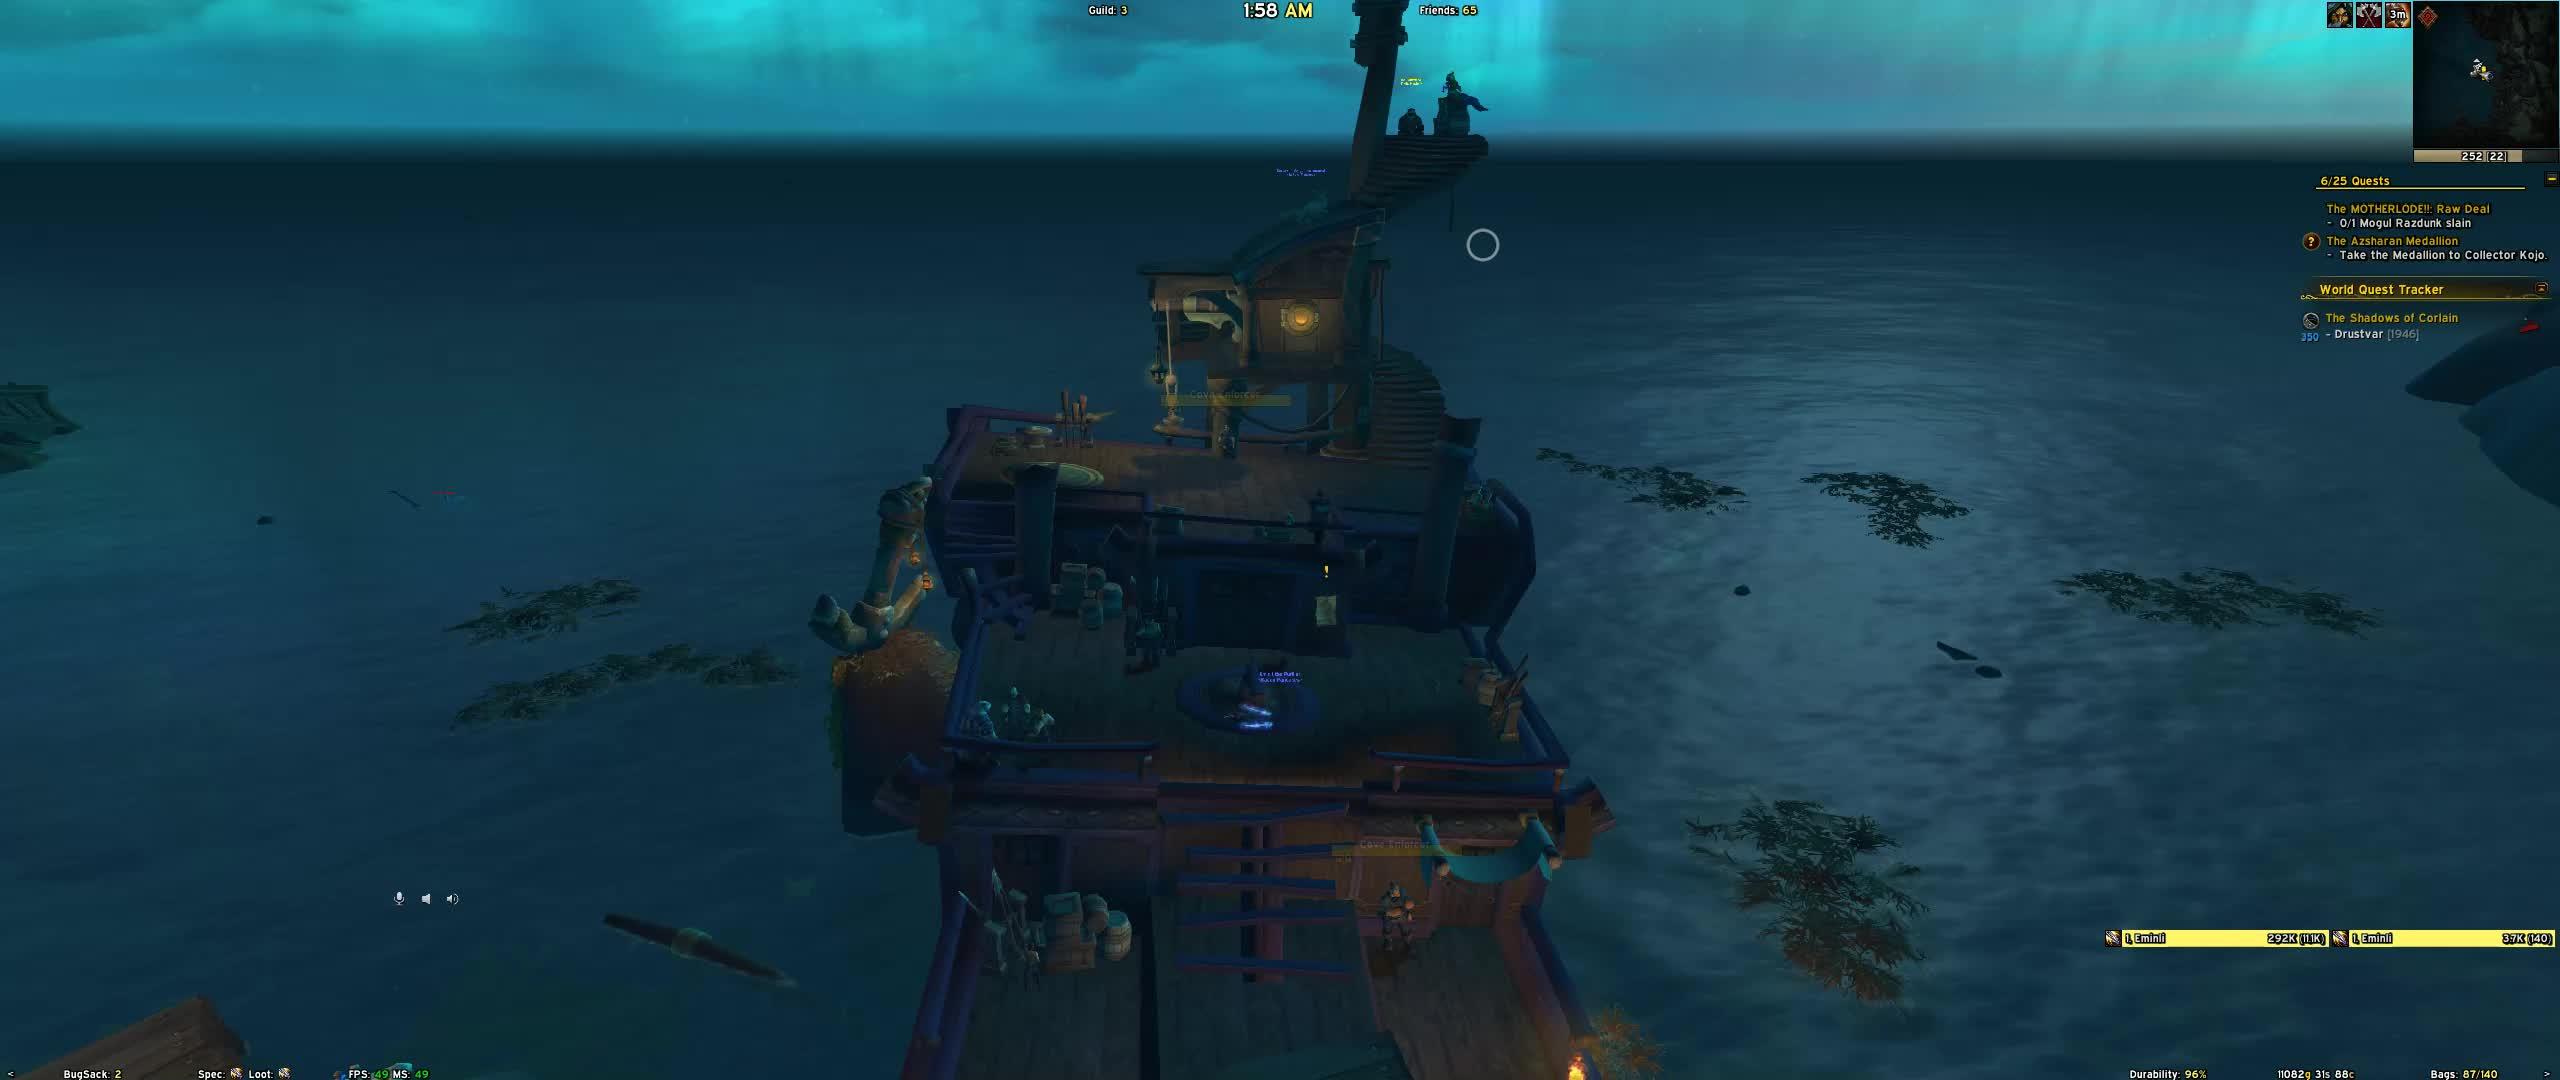 worldofwarcraft, World Of Warcraft 2019.04.18 - 01.58.16.19.DVR Trim GIFs